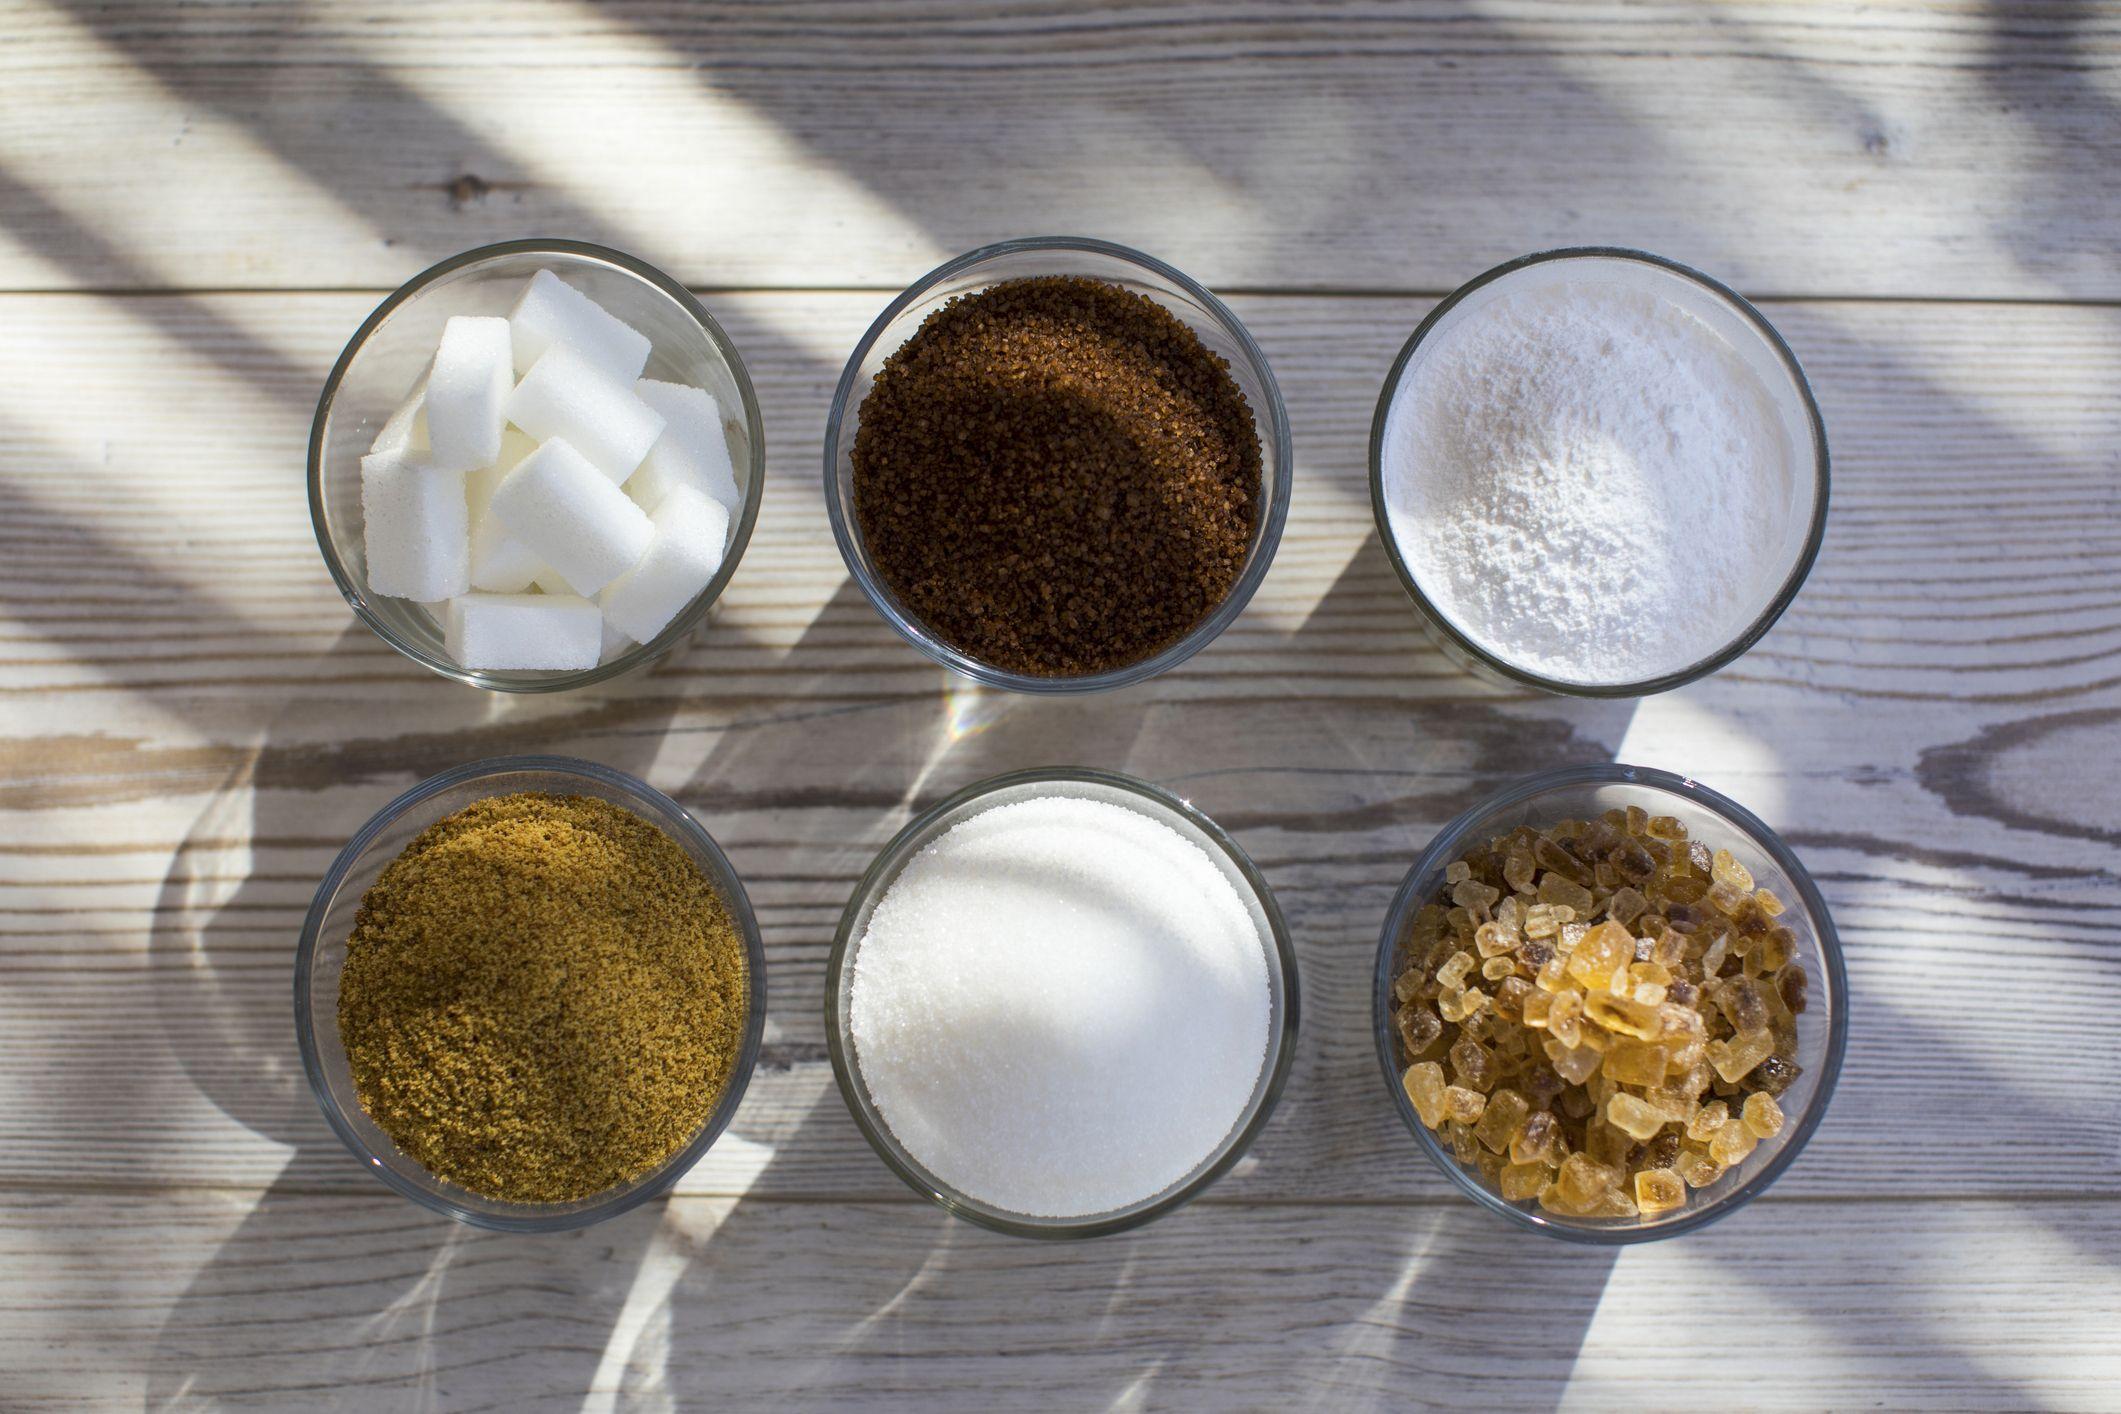 uso de stevia para adelgazar